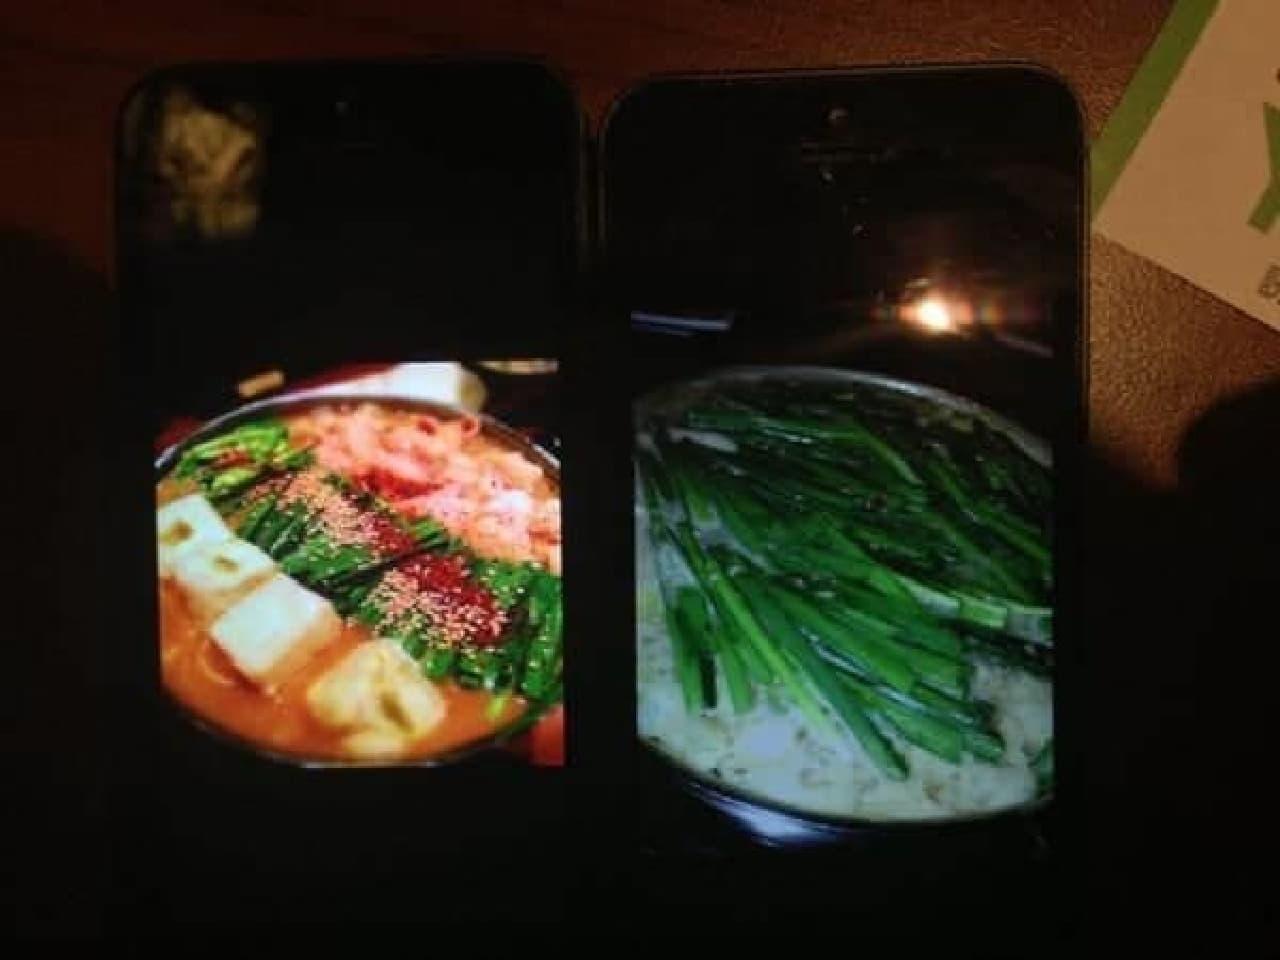 上手な写真(左)と比較、同じ食べ物とは思えない…